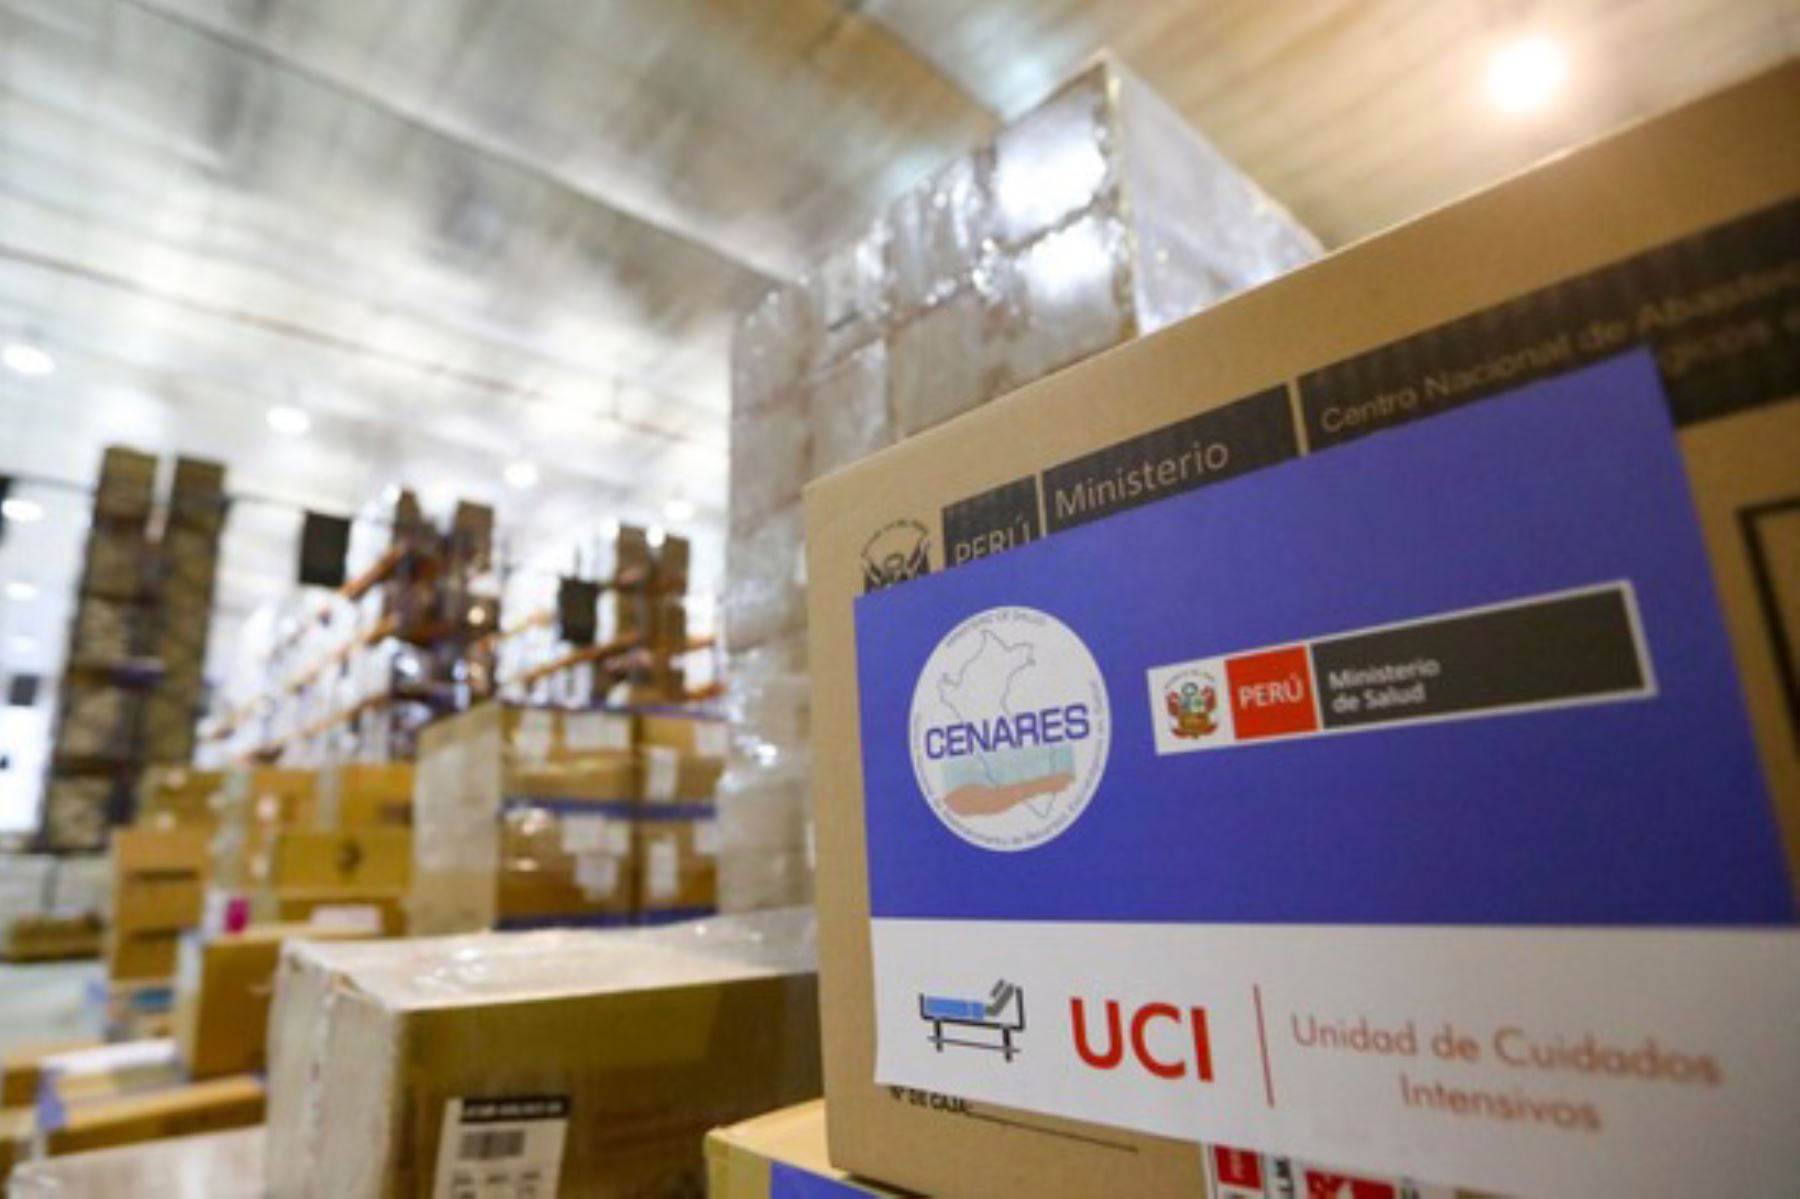 El cargamento, distribuido por el Centro Nacional de Abastecimiento de Recursos Estratégicos, incluyó 620,721 suministros médicos valorizados en S/ 3